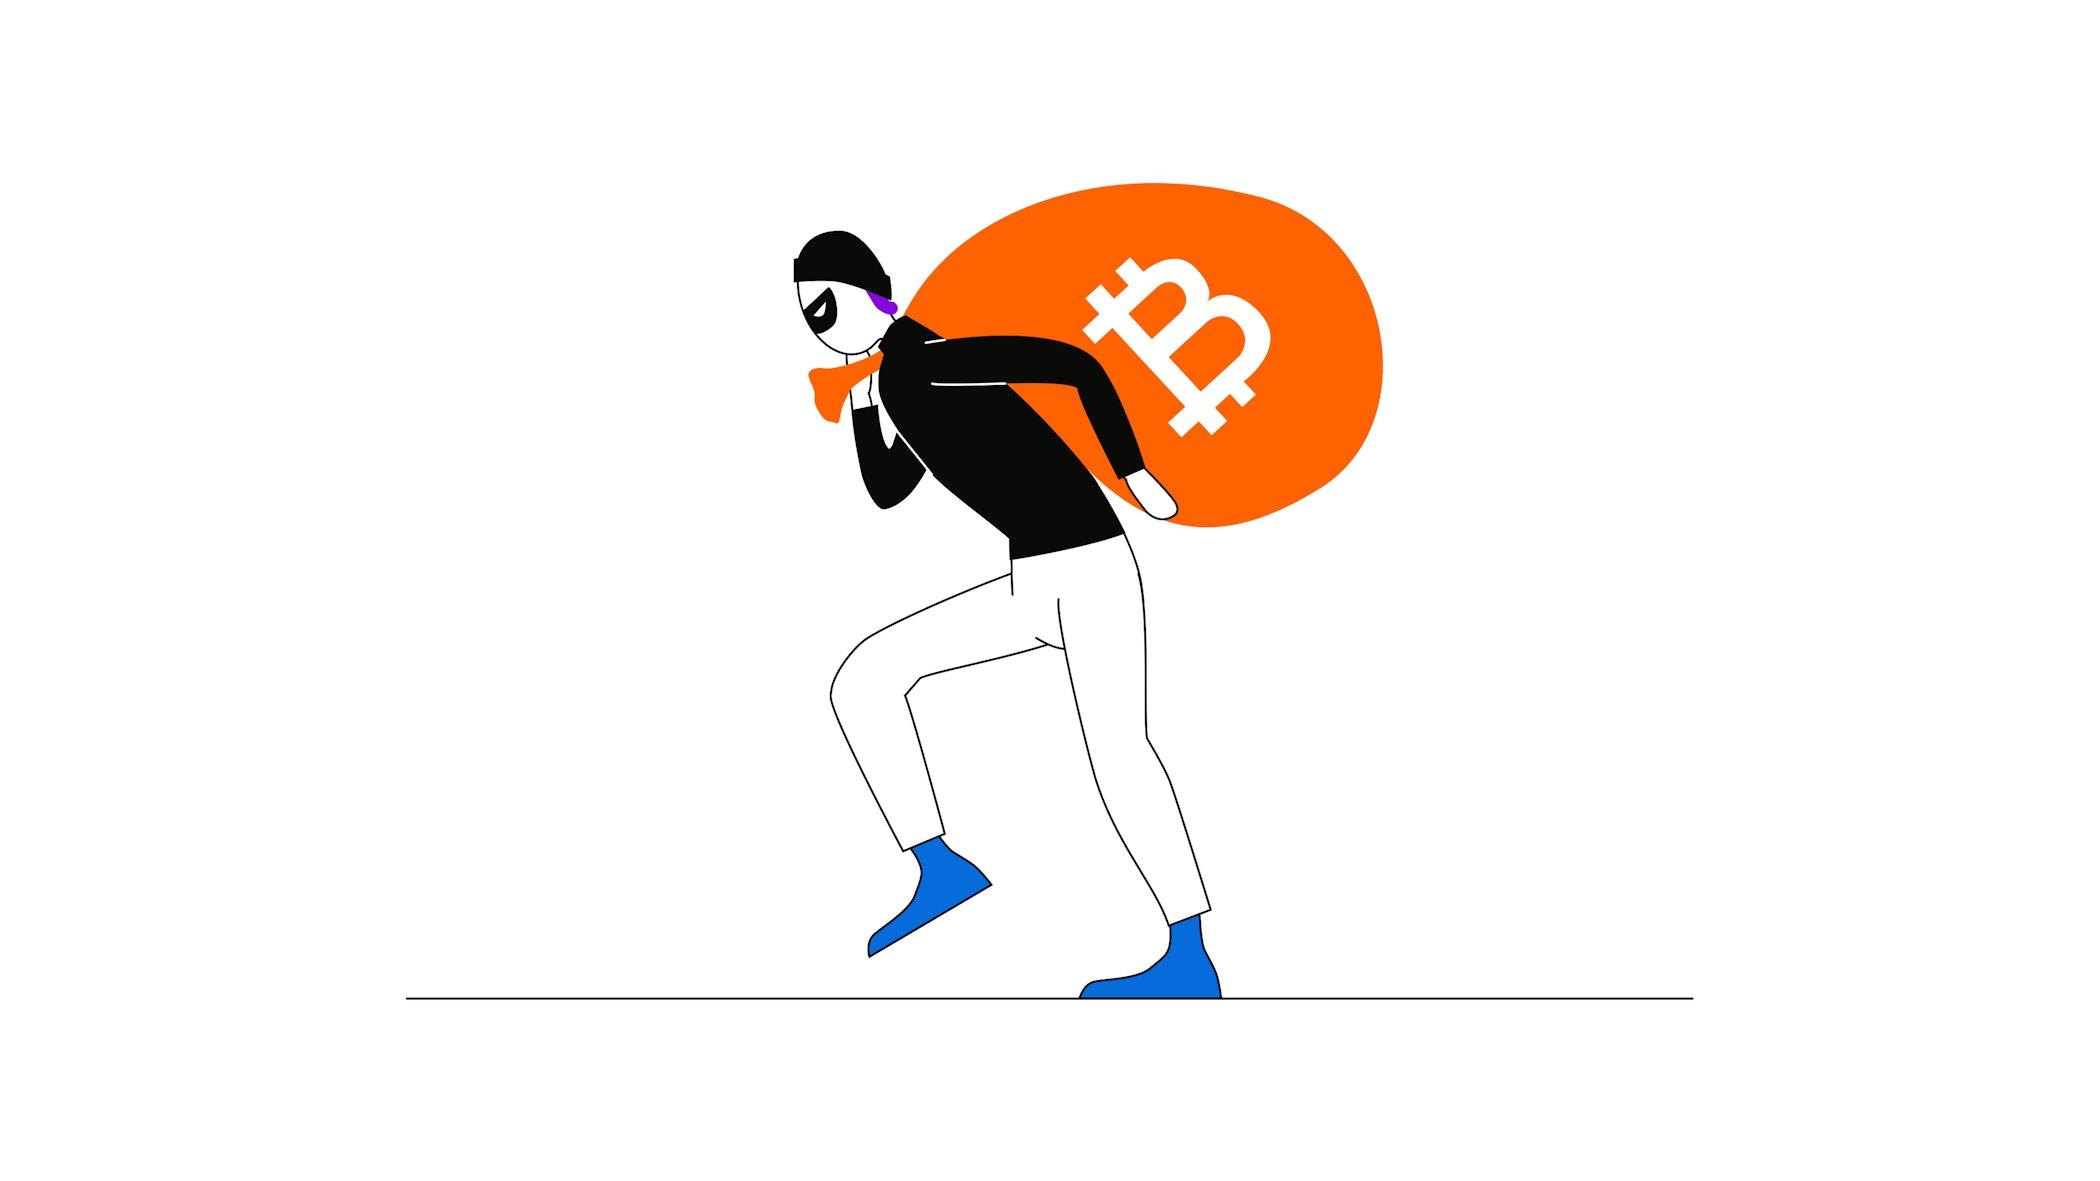 dinge, um ein ico bitcoin zu fragen, bevor sie investieren wie man zusätzliches geld online verdienen kann